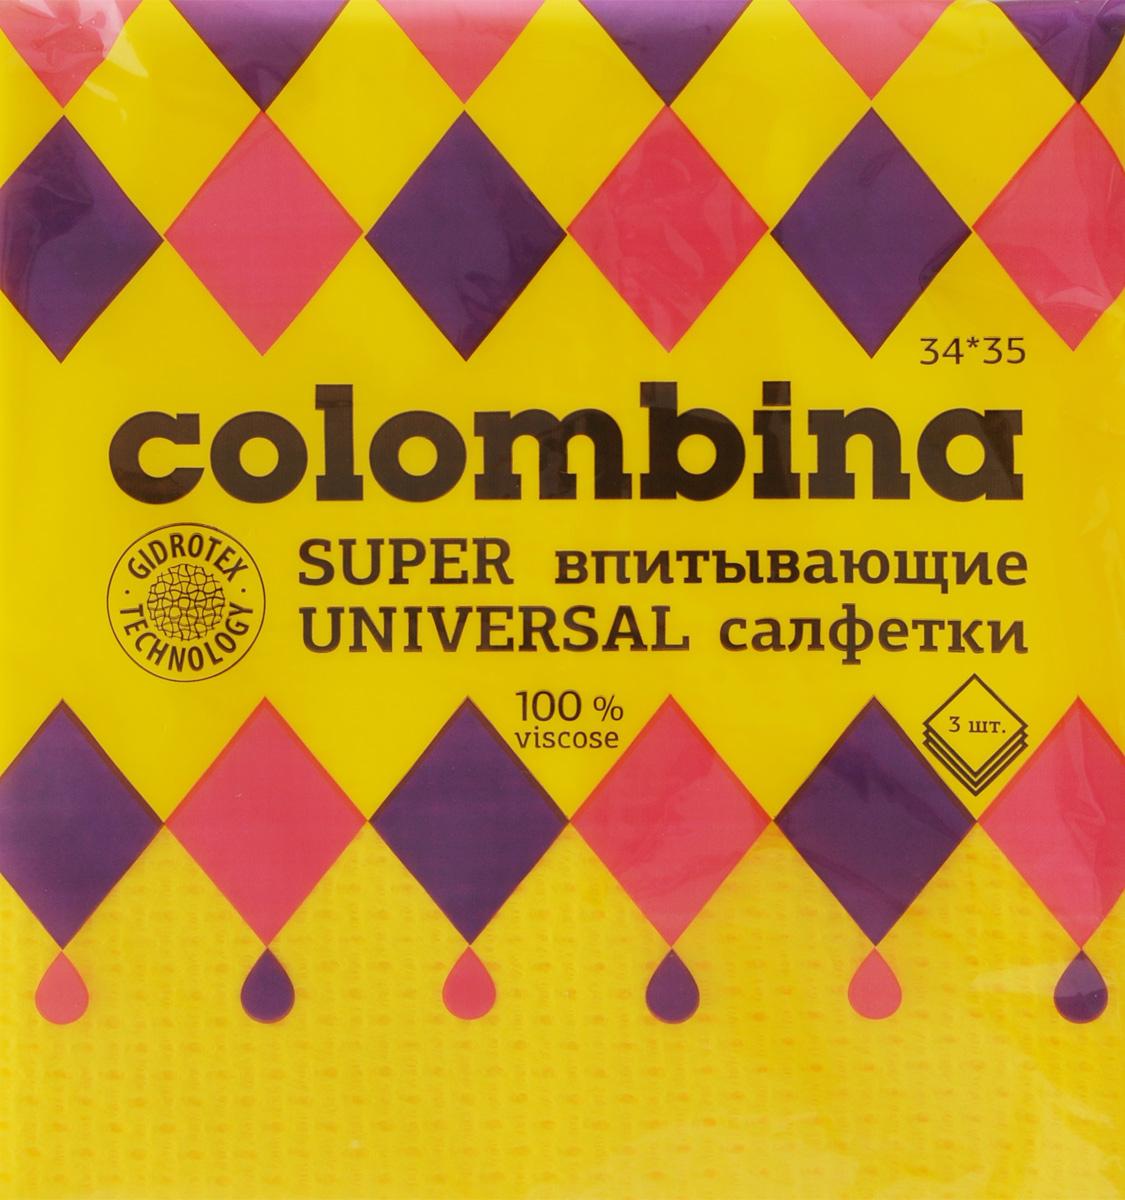 Набор салфеток Colombina Universal, супервпитывающие, цвет: желтый, 34 х 35 см, 3 шт531-105Салфетки Colombina Universal состоят из 100 % вискозы без добавления синтетики. Изделия предназначены для сухой и влажной уборки. Отлично впитывают жидкости, жиры, масла. Пригодны для многоразового использования, долговечны, не оставляют следов и ворсинок. Приятные на ощупь, не вызывают раздражения и гипоаллергенны. Размер салфетки: 34х 35 см.